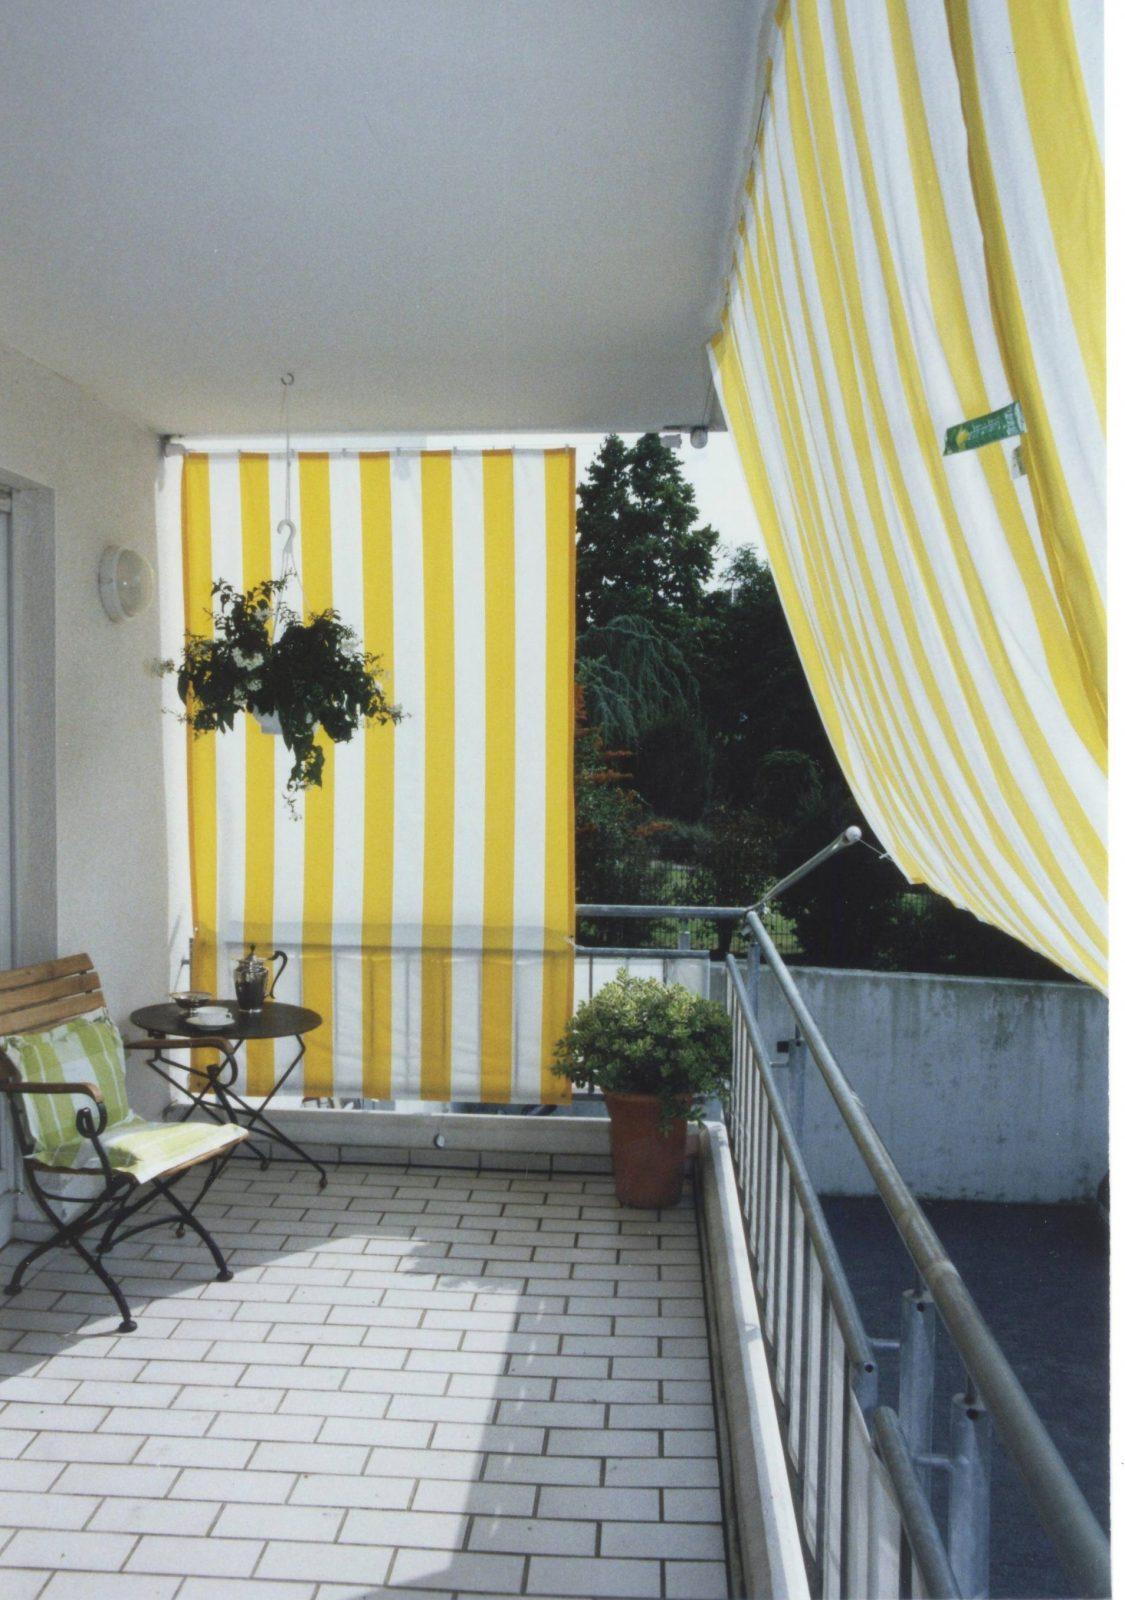 Balkon Sonnenschutz Ohne Bohren Home Design Magazine Von Balkon von Seiten Sichtschutz Balkon Ohne Bohren Photo